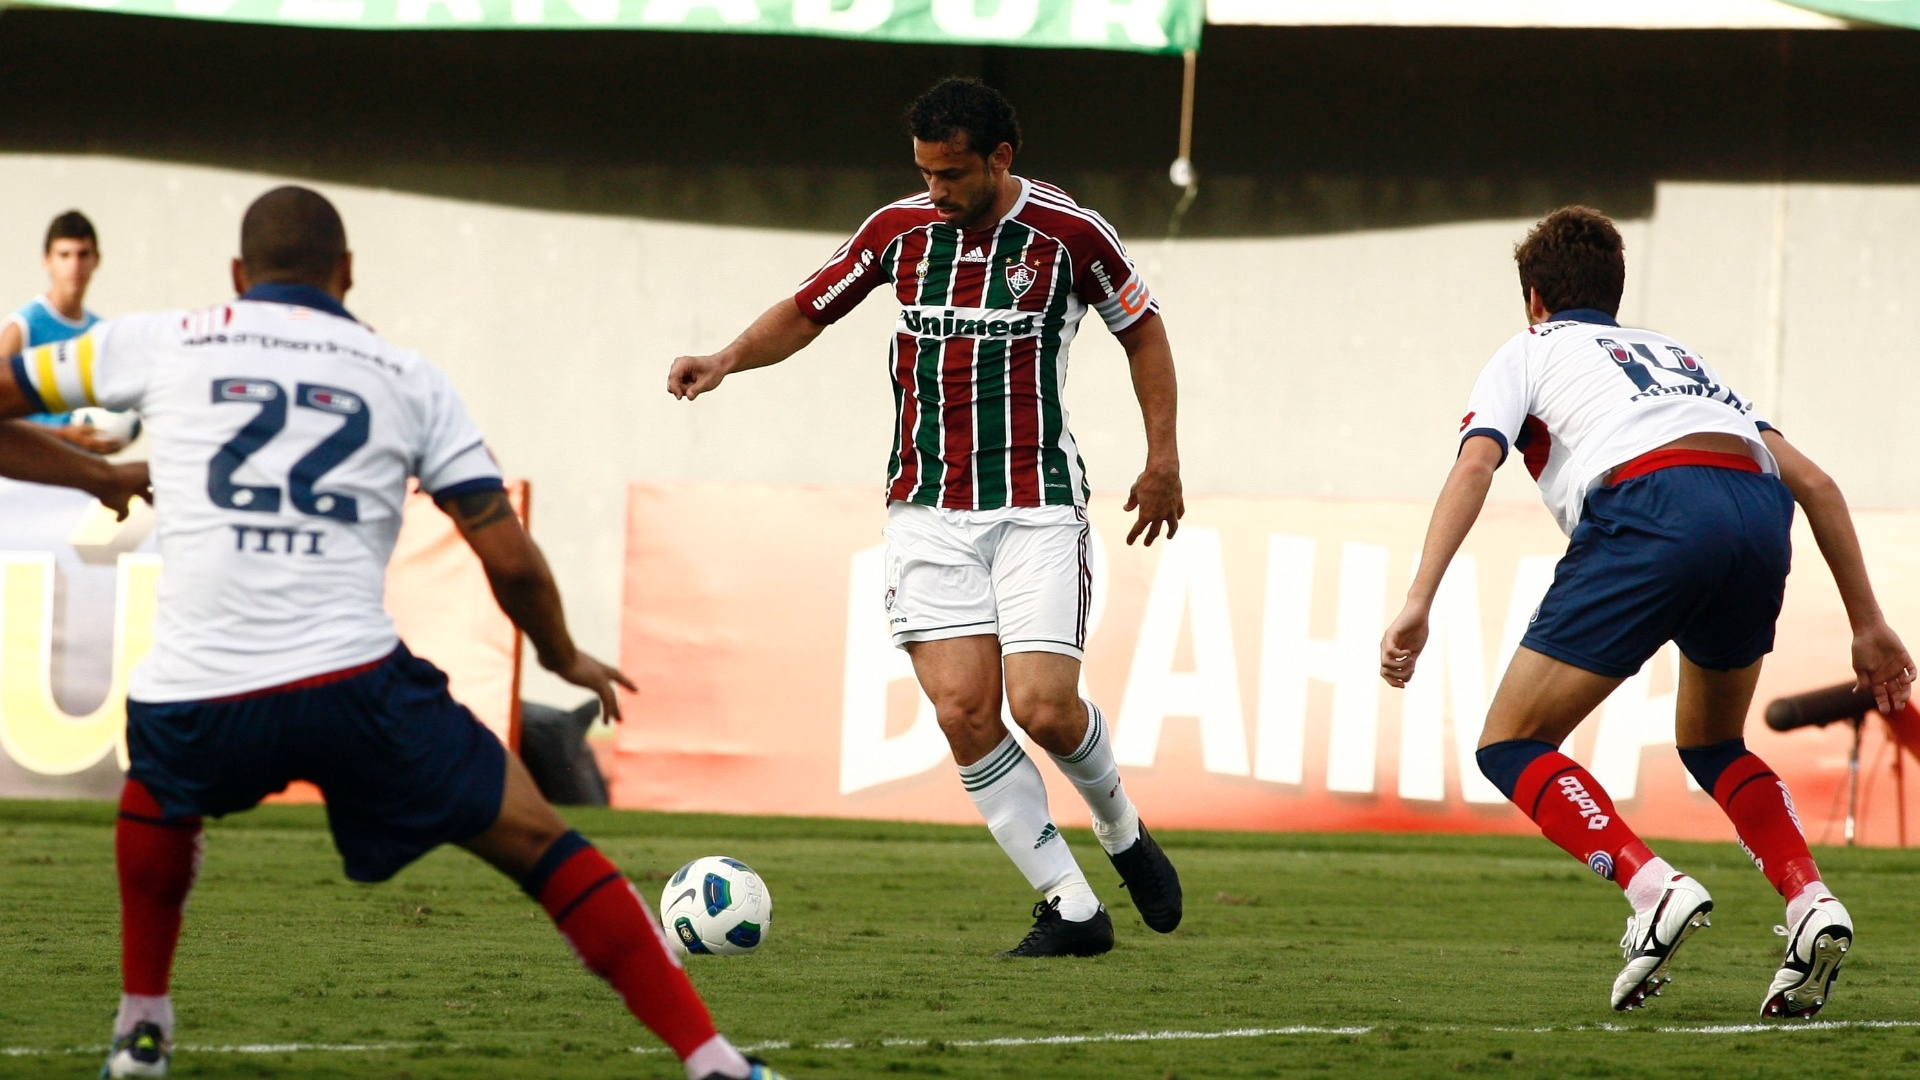 Fred domina a bola entre dois marcadores do Bahia, durante partida deste domingo